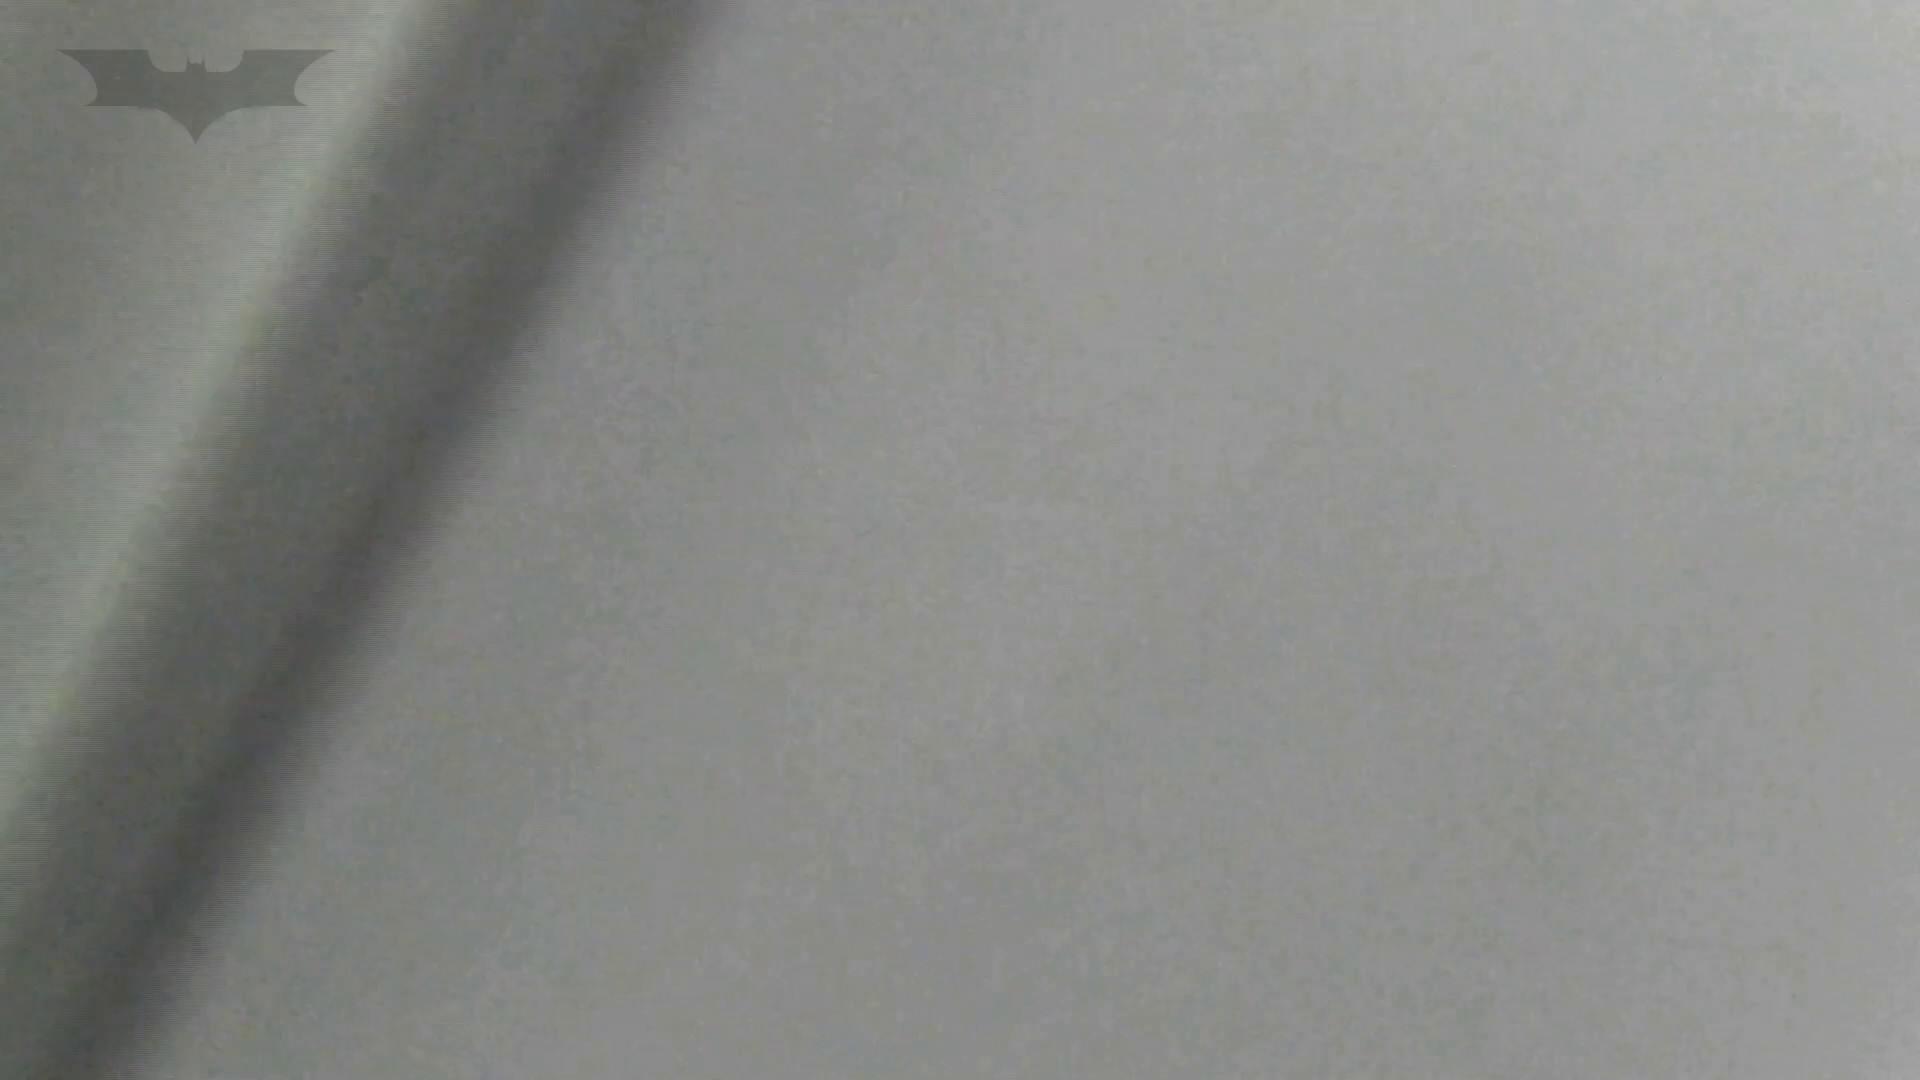 下からノゾム vol.029 レンズがこうもんに当たるほど 丸見えマンコ   ギャル  33画像 8